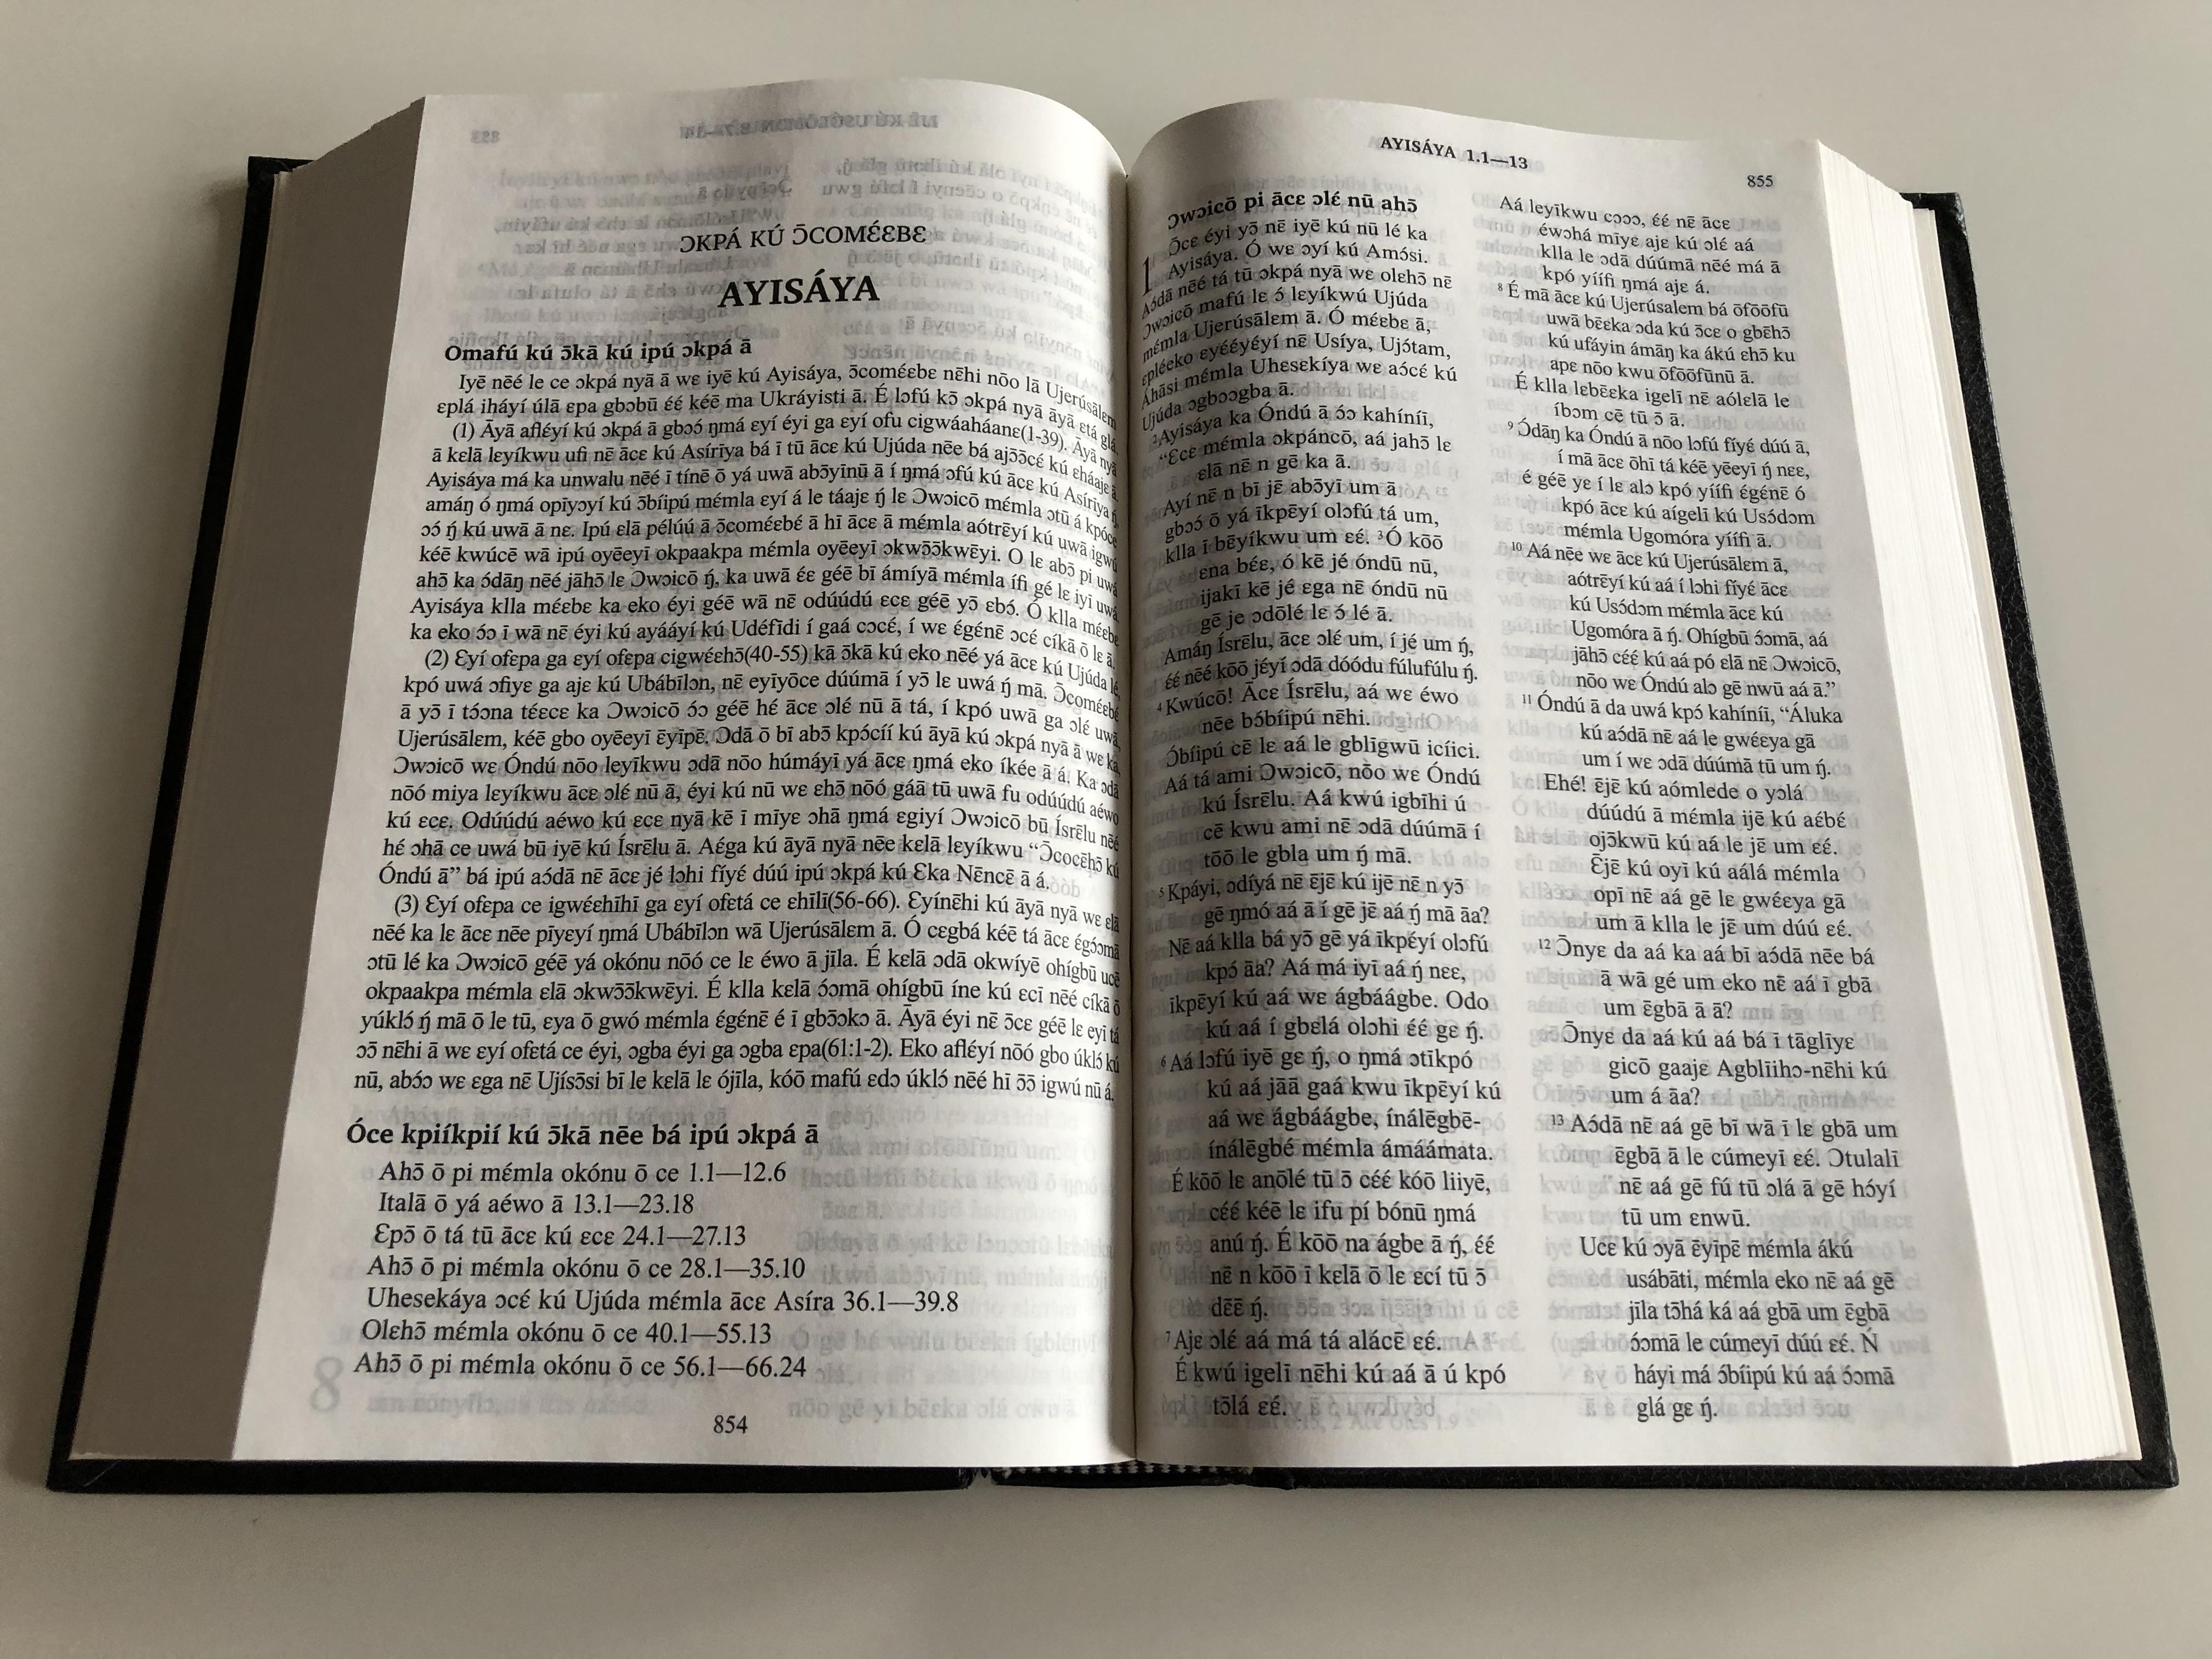 holy-bible-in-idoma-ub-y-bu-k-idoma-a-11.jpg